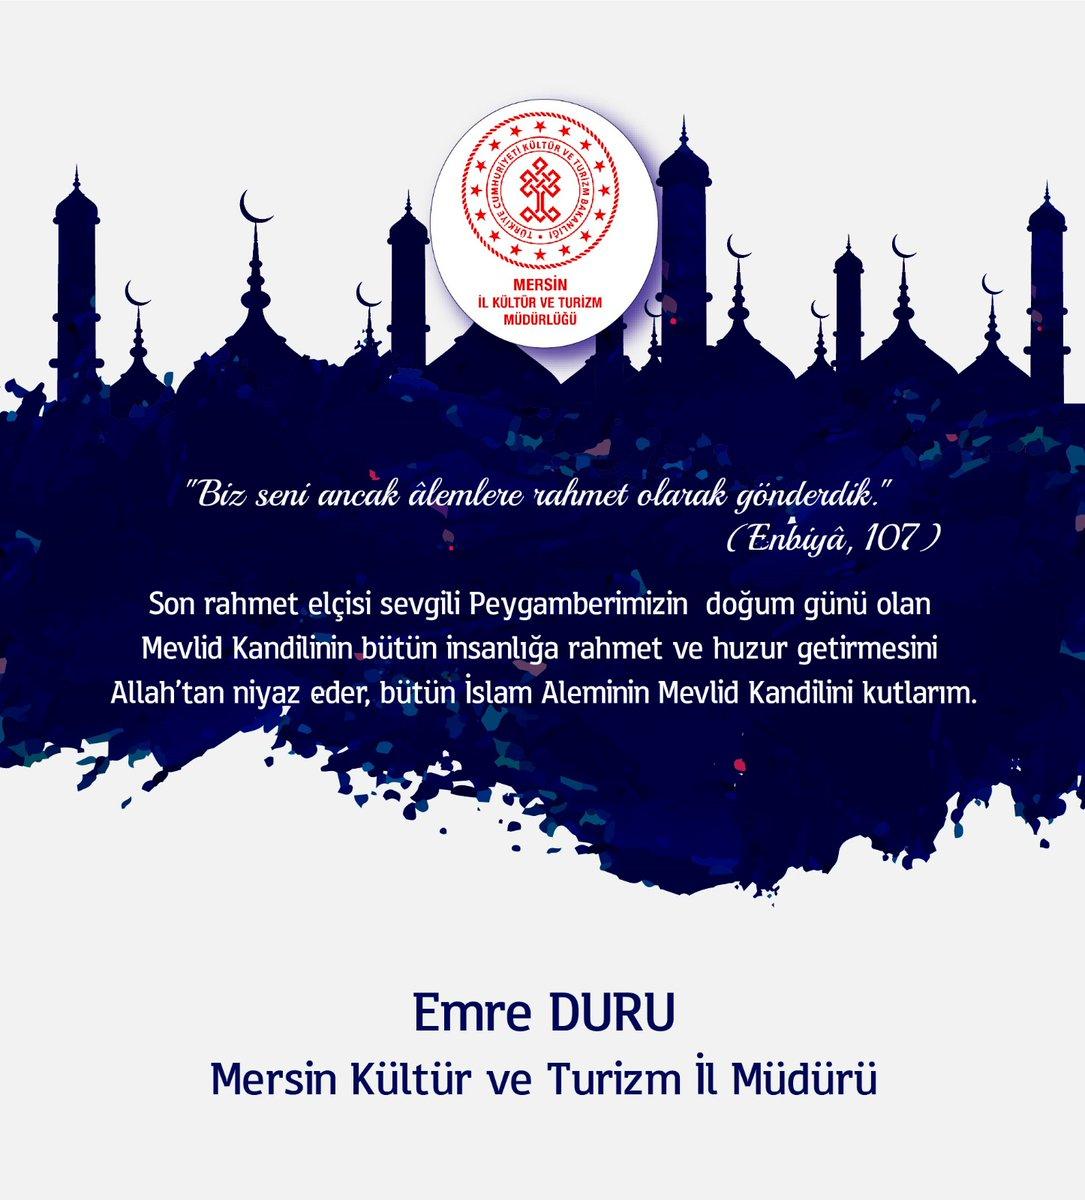 #MersinKulturveTurizm https://t.co/U8KXITmiFp